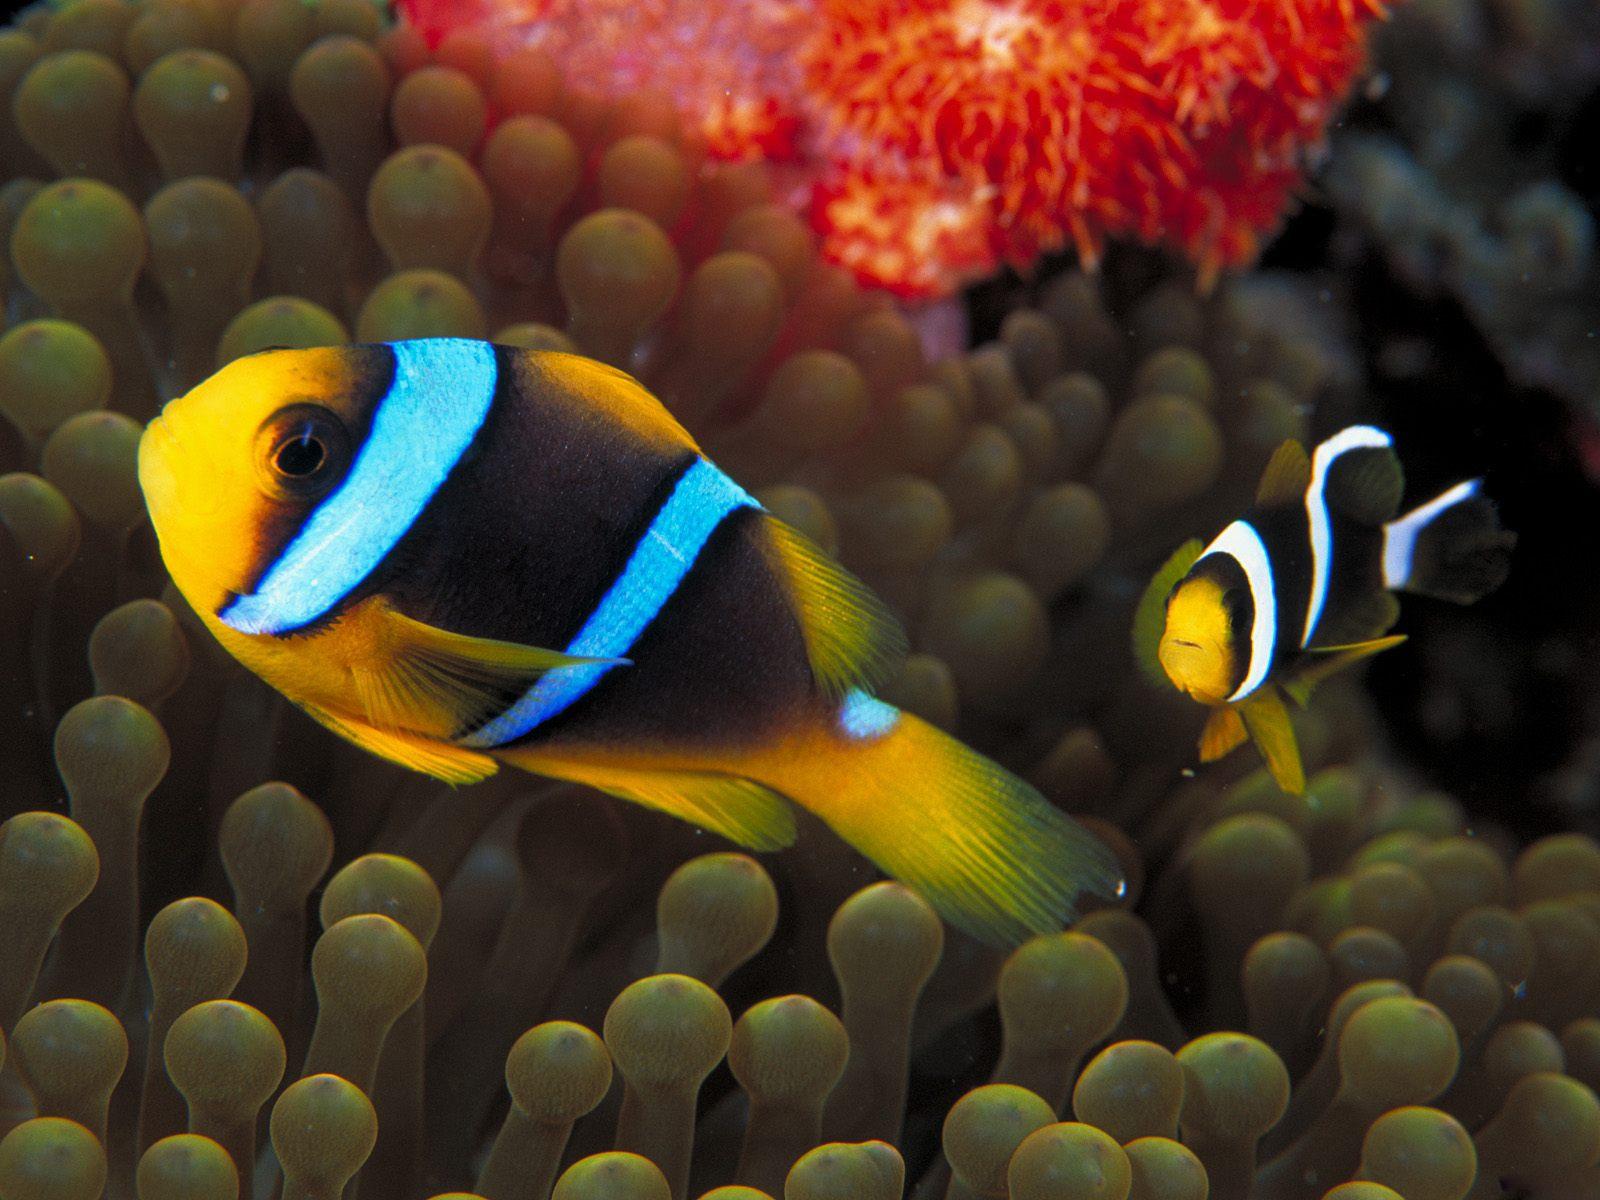 http://3.bp.blogspot.com/-08ob9e_dmMM/UBlwcSVWV_I/AAAAAAAABNk/XIl_agM-MtI/s1600/Fish-2.jpg